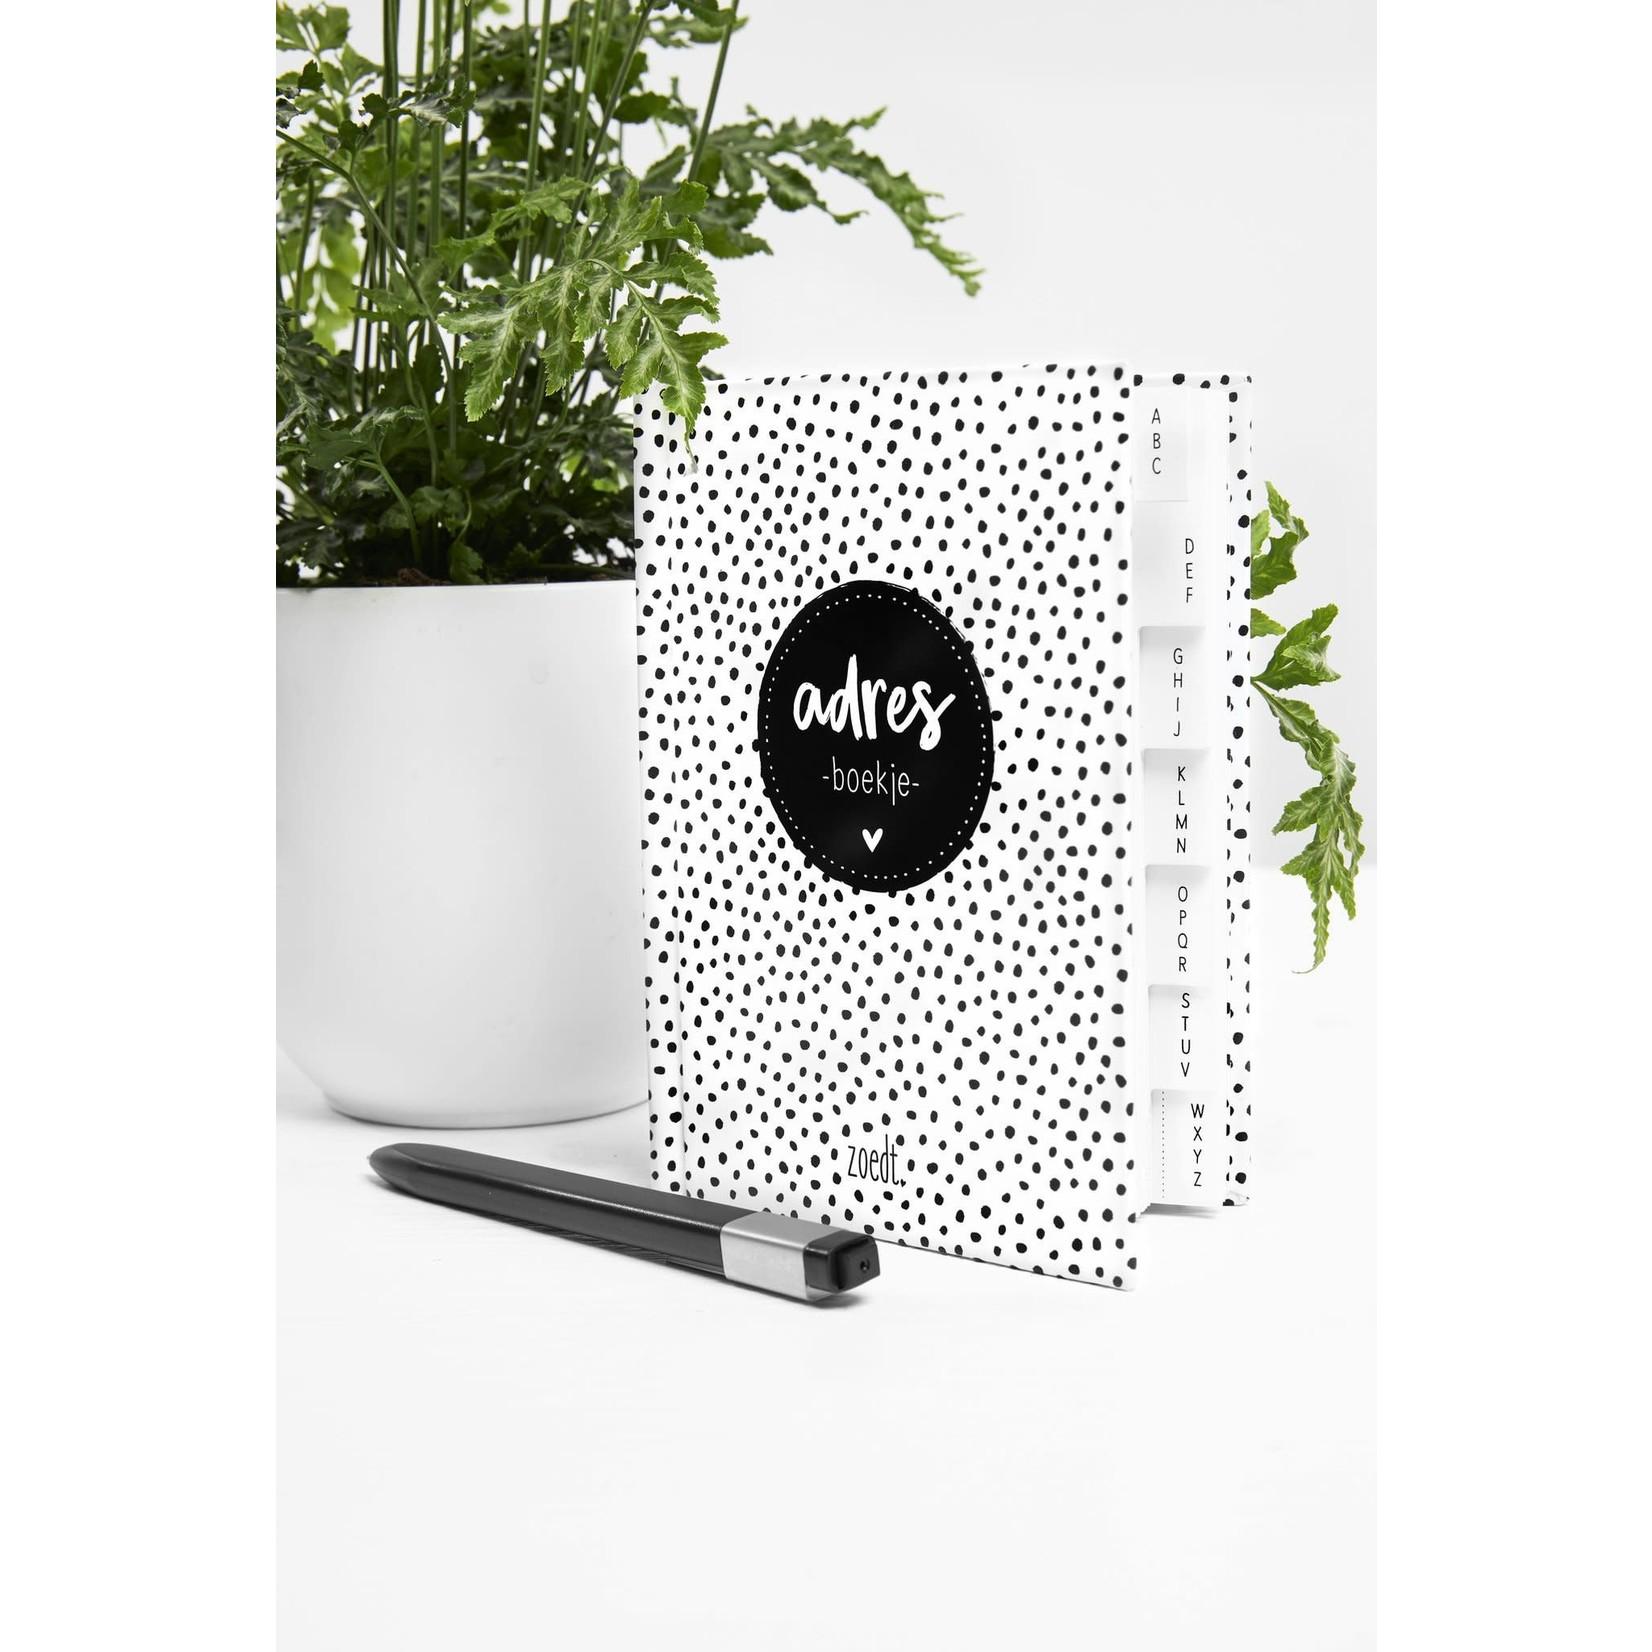 Zoedt Zoedt Adresboekje met zwart wit dots